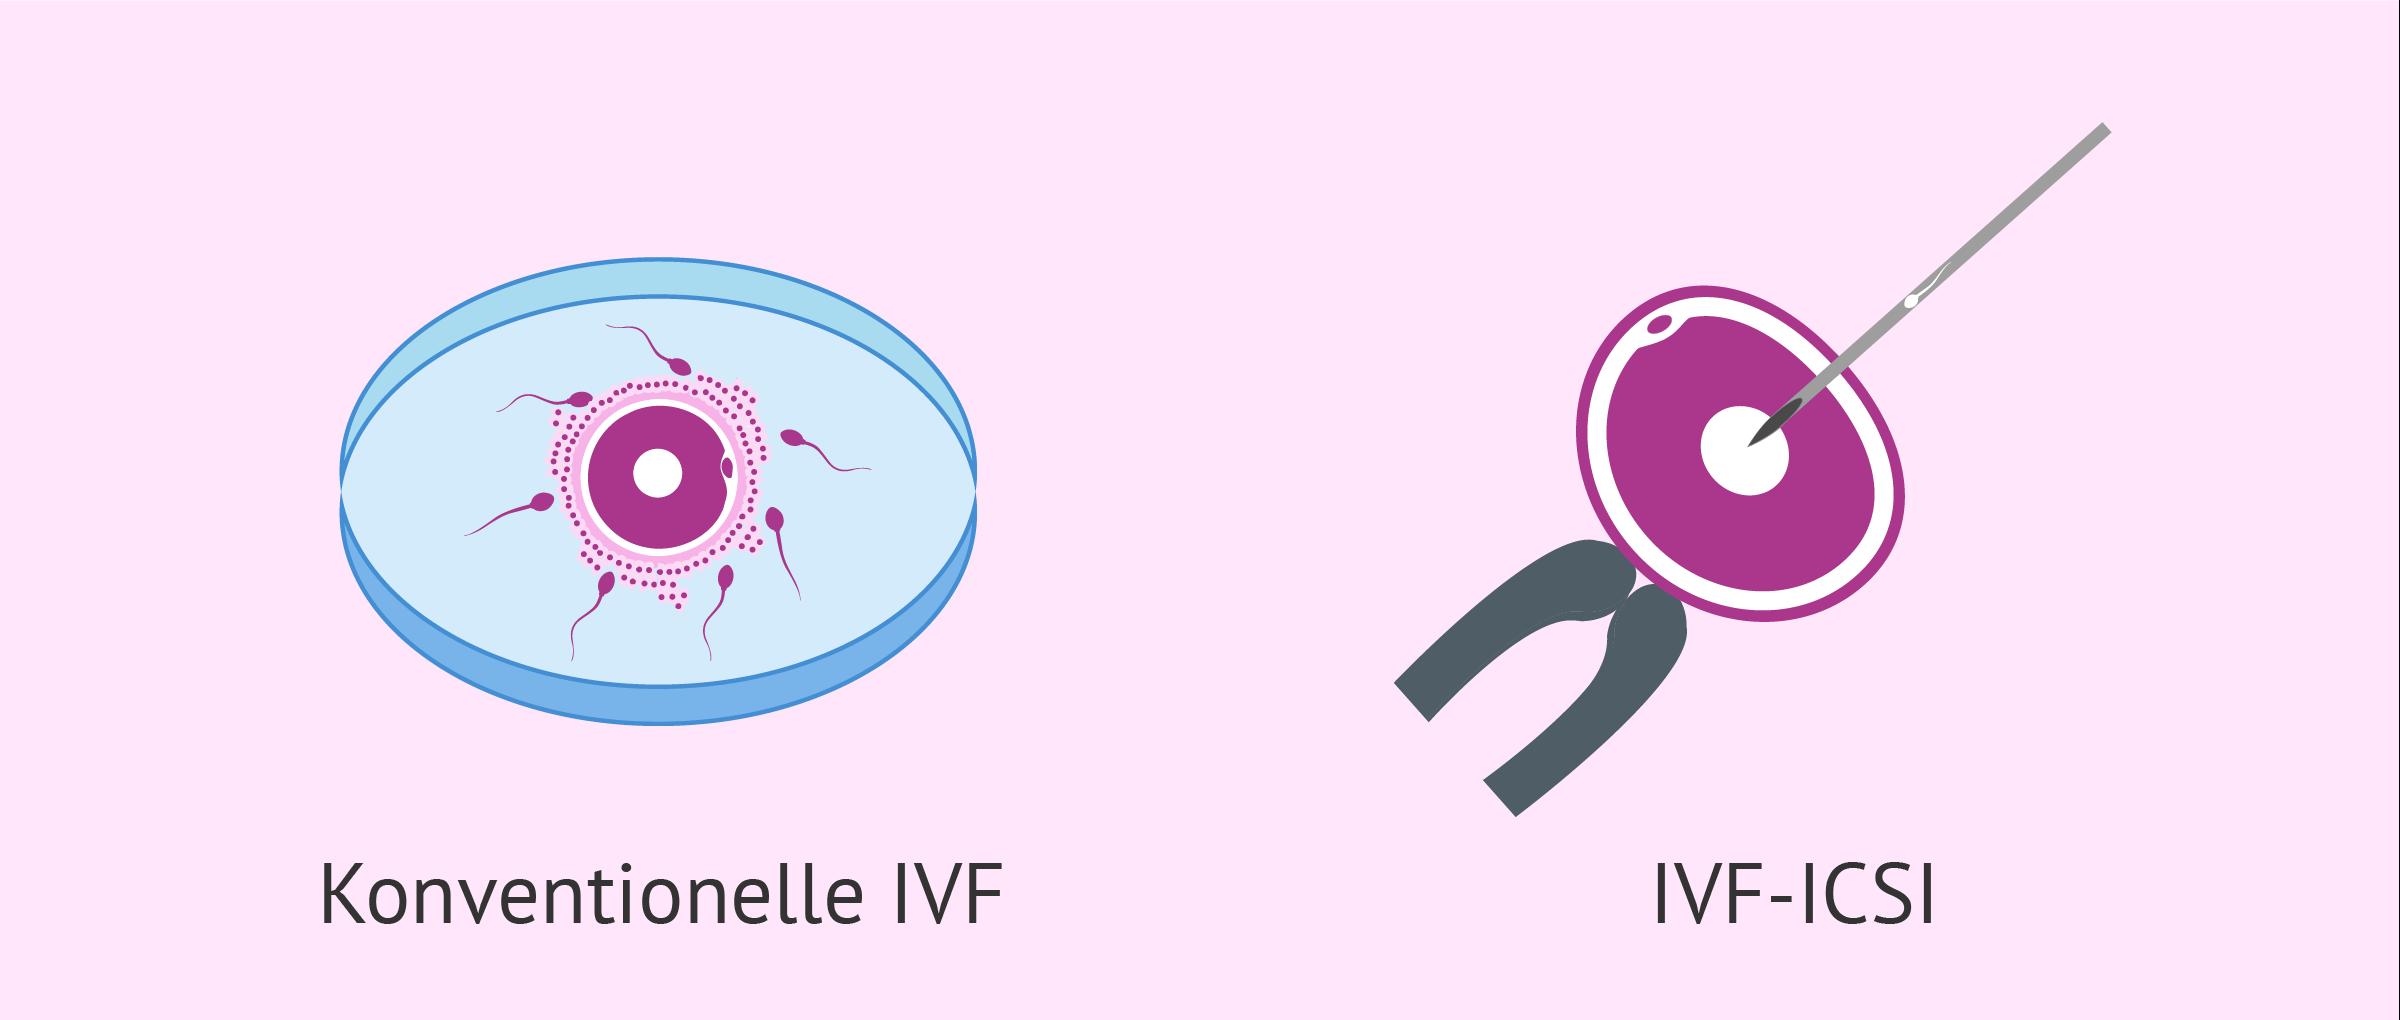 Was ist der Unterschied zwischen der klassischen IVF und der ICSI?